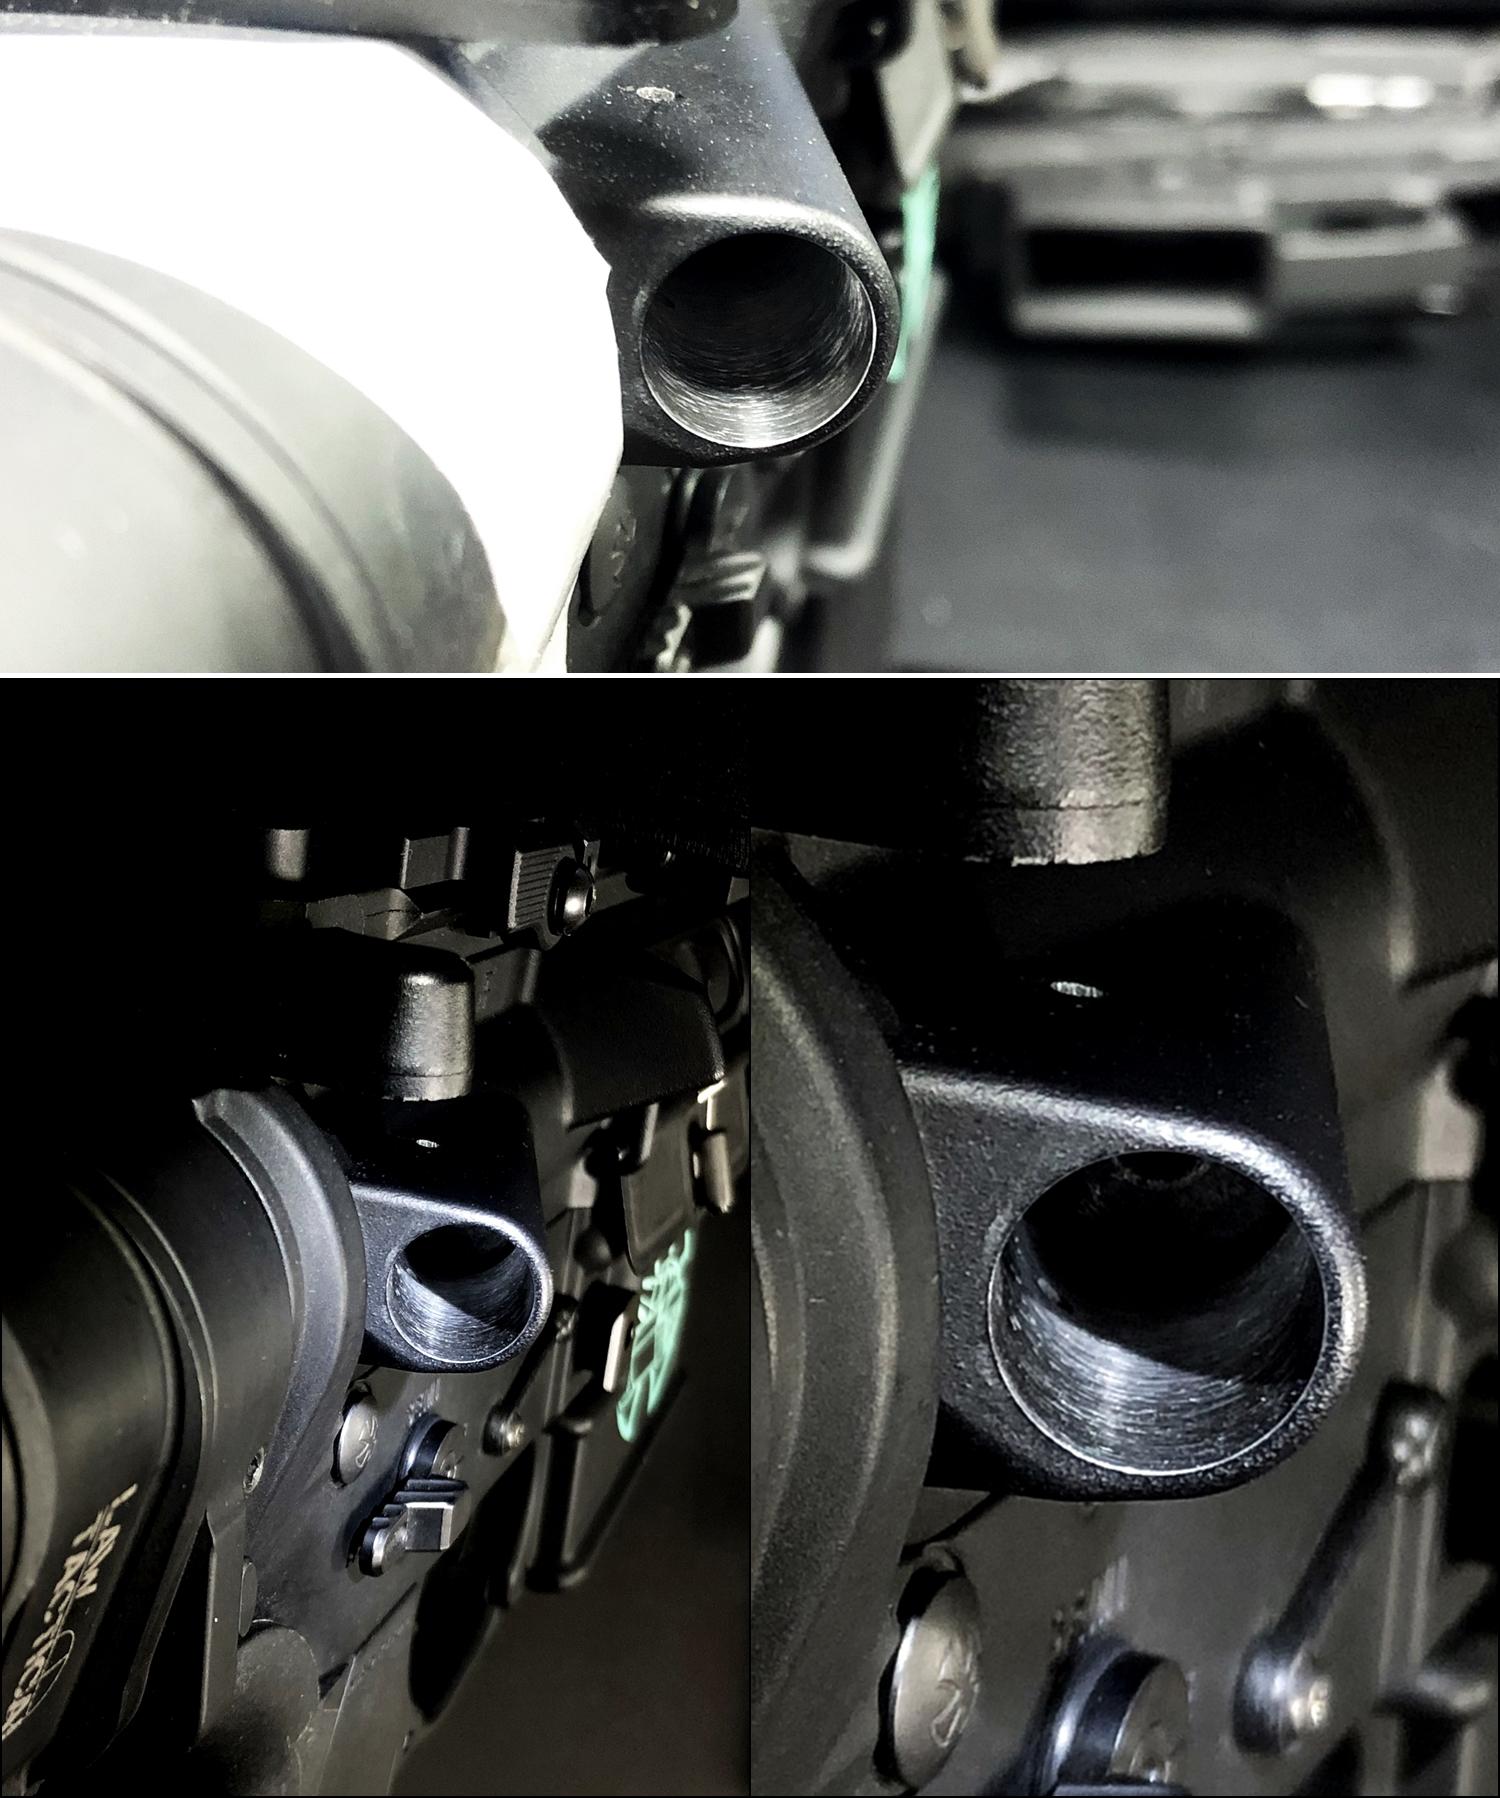 8 実物 NOVESKE MARKED FORWARD ASSIST KIT!! 次世代 AR-15 HILOG M4 N4 プチ DIY カスタム編!! フォワードアシストノブ フォアードアシスト!! 3D DIY 購入 加工 取付 交換 レビュー!!